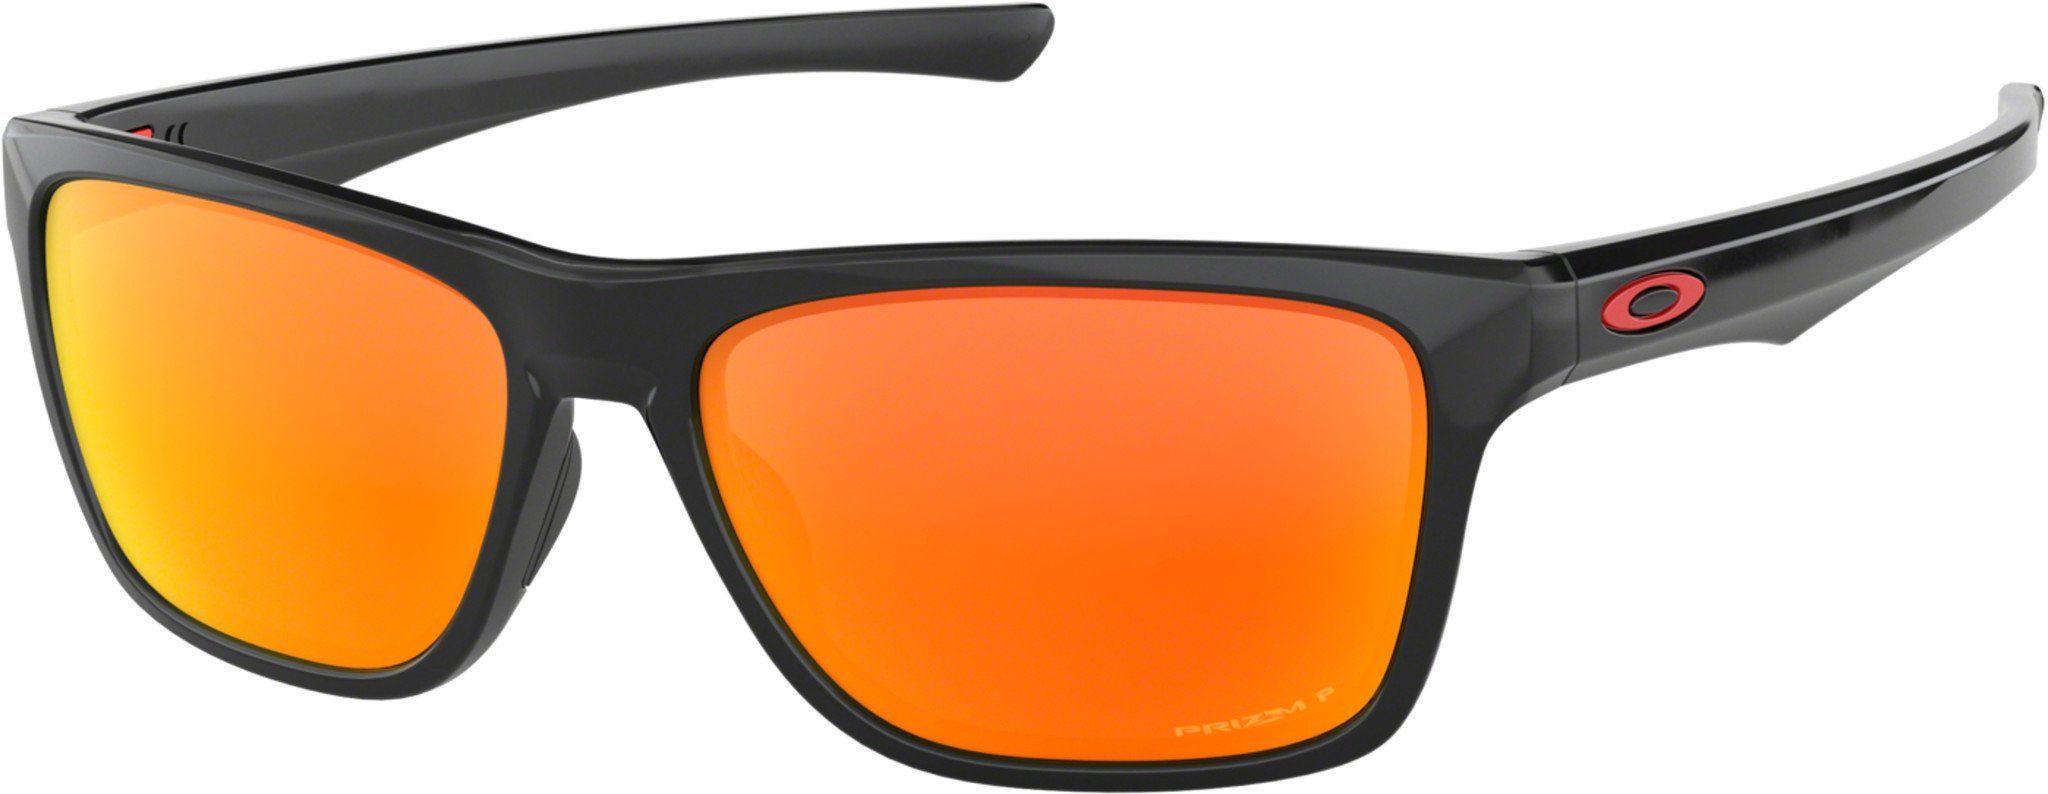 Oakley Sportbrille »Holston Sunglasses«